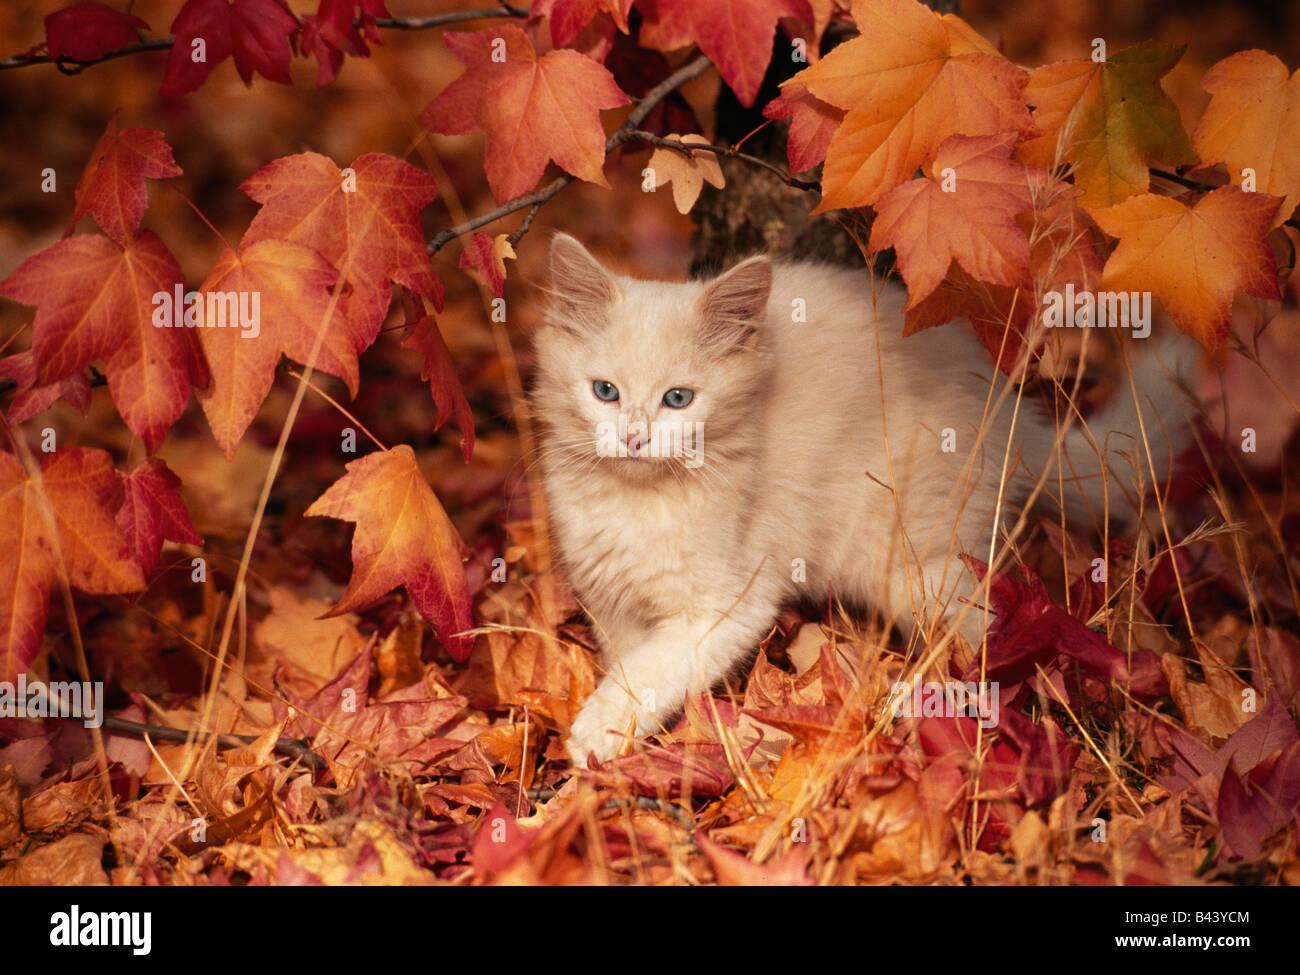 Los menores gatito explorando en el follaje de otoño. Imagen De Stock